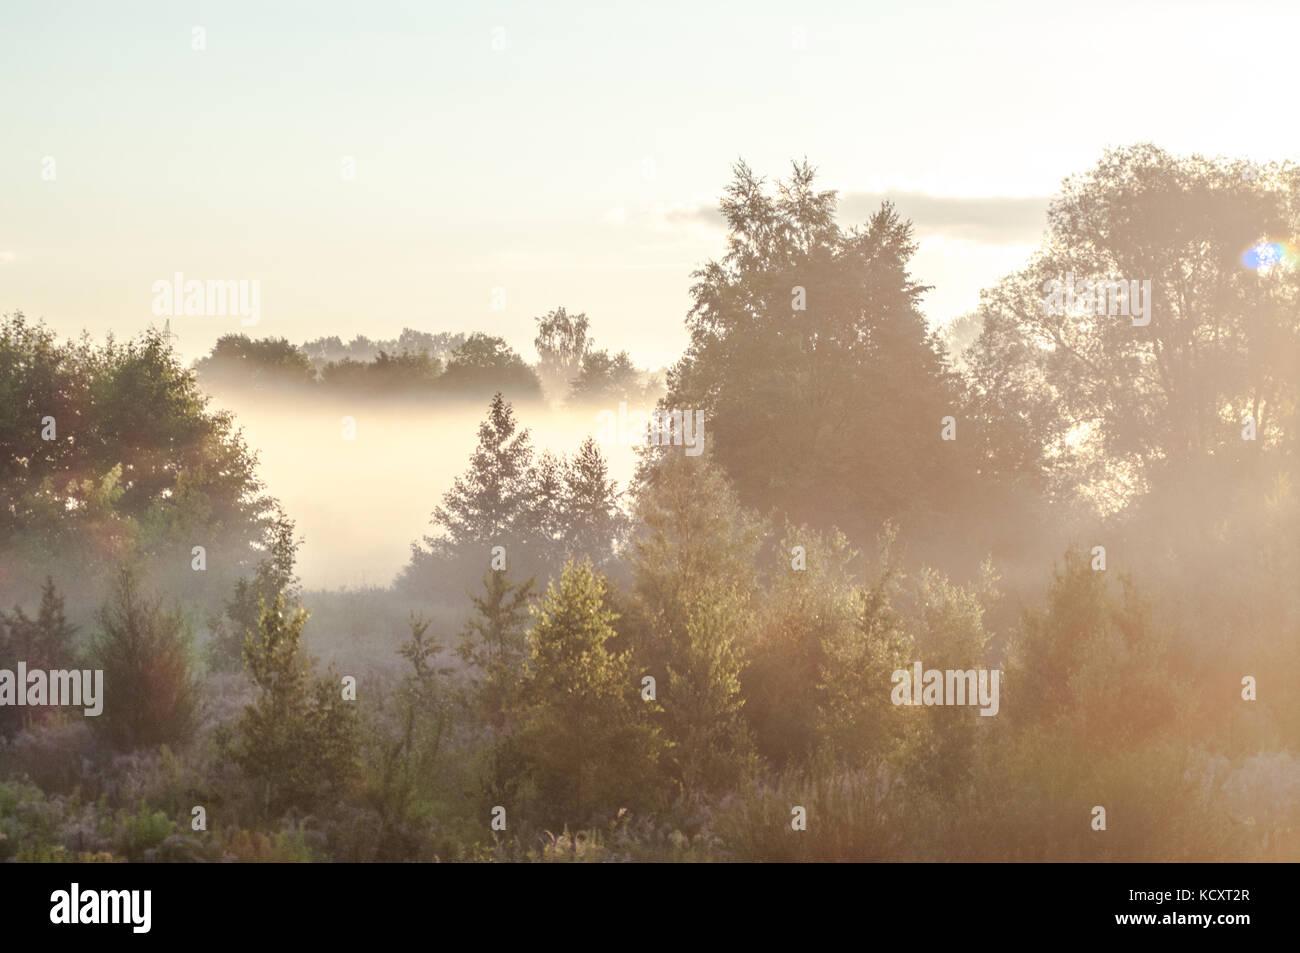 Hermosa mañana escena. Paisaje letón con campos de niebla. Imagen De Stock